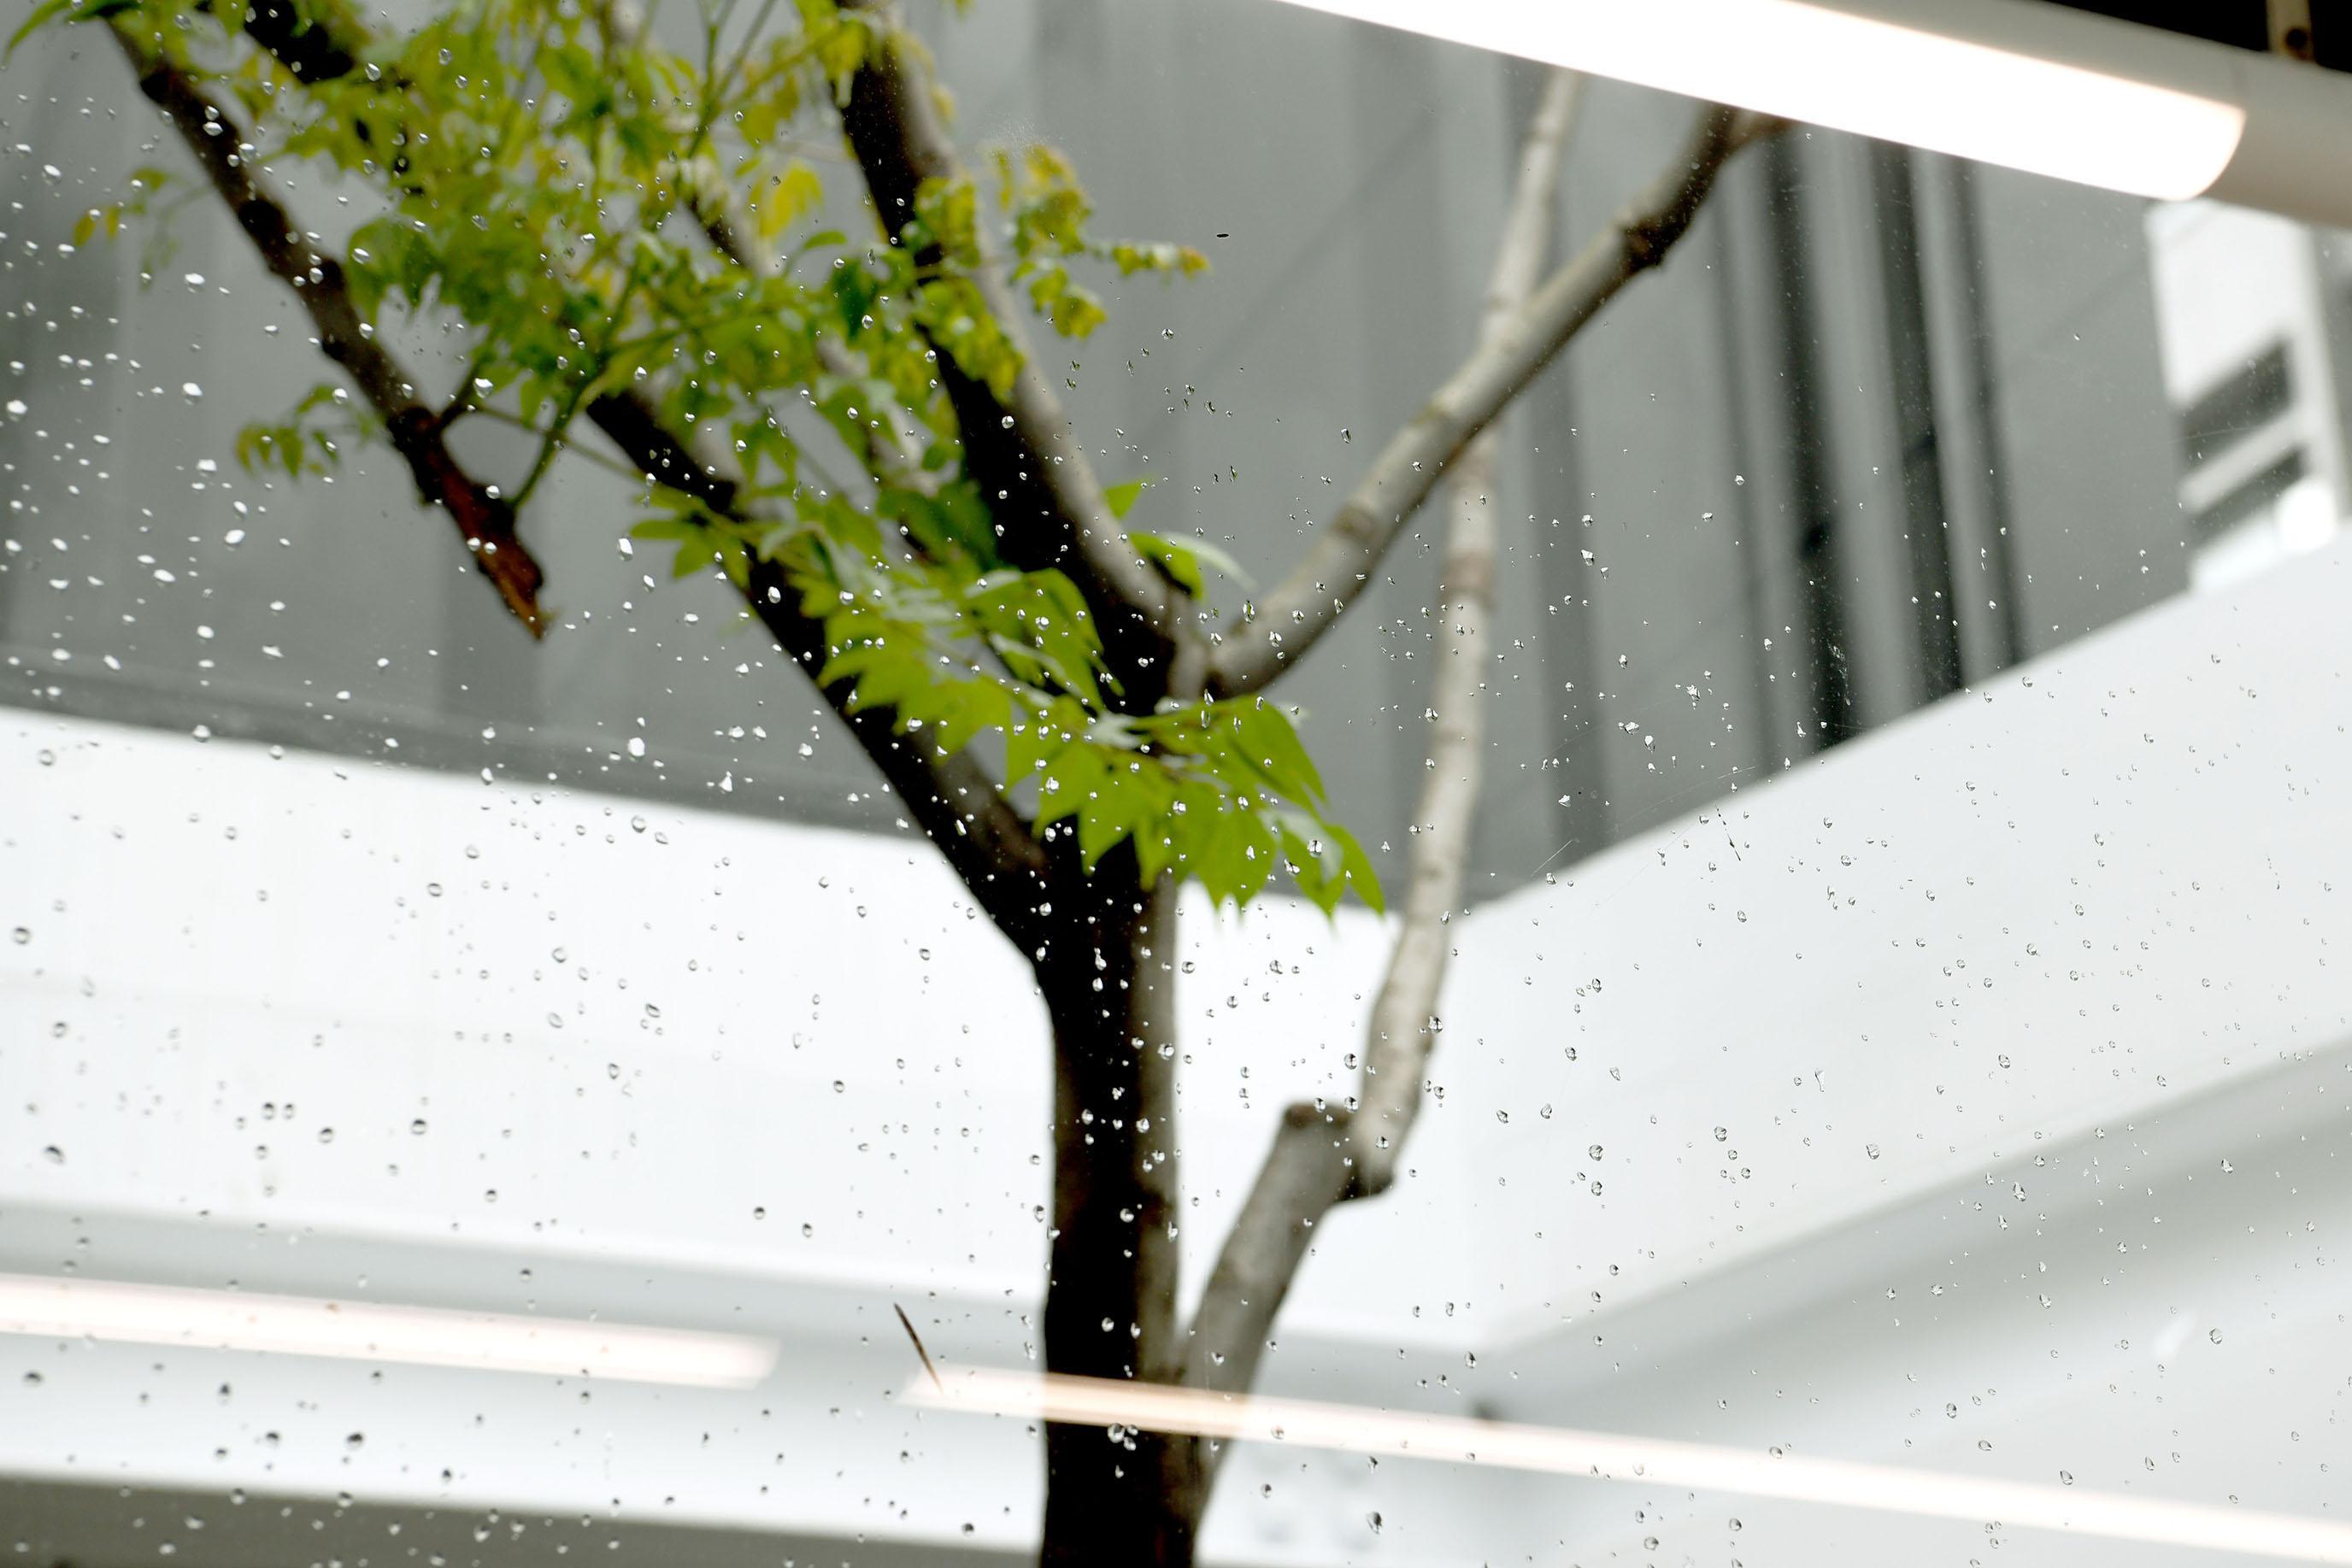 台北咖啡場所,多雨裡感受天天香醇微風|Coffee Industry- Cafe Champ